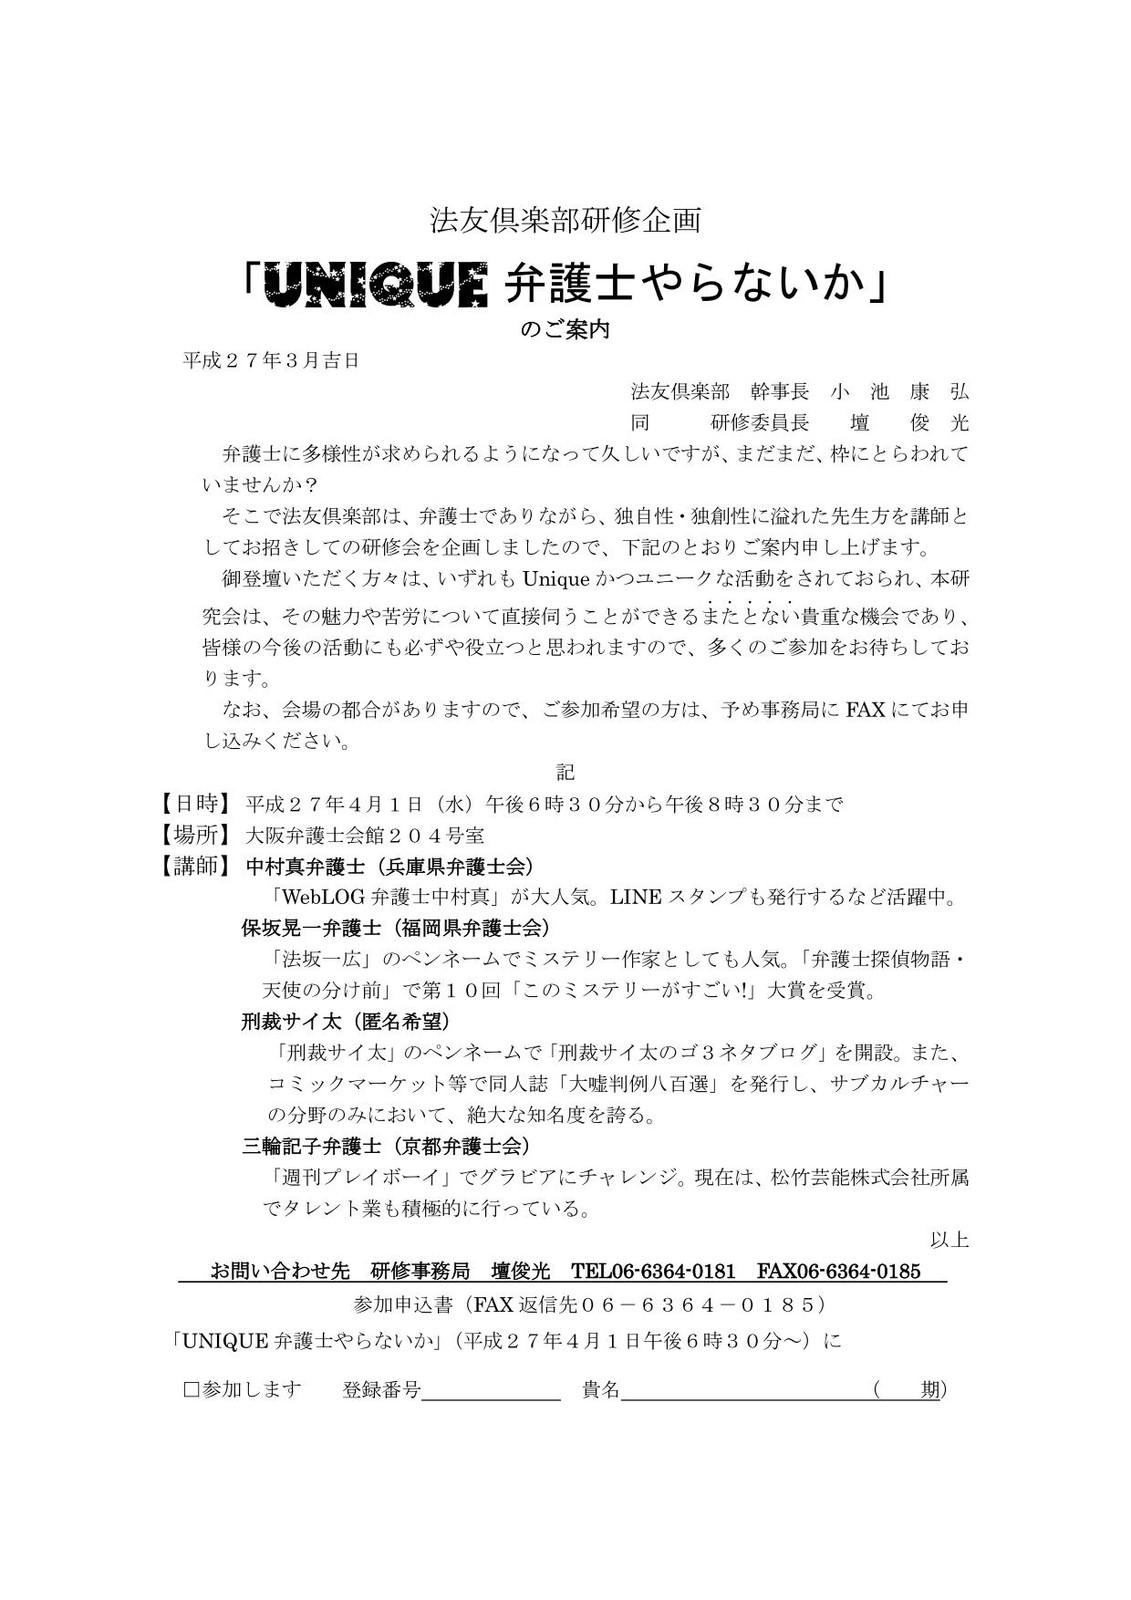 Unique_3